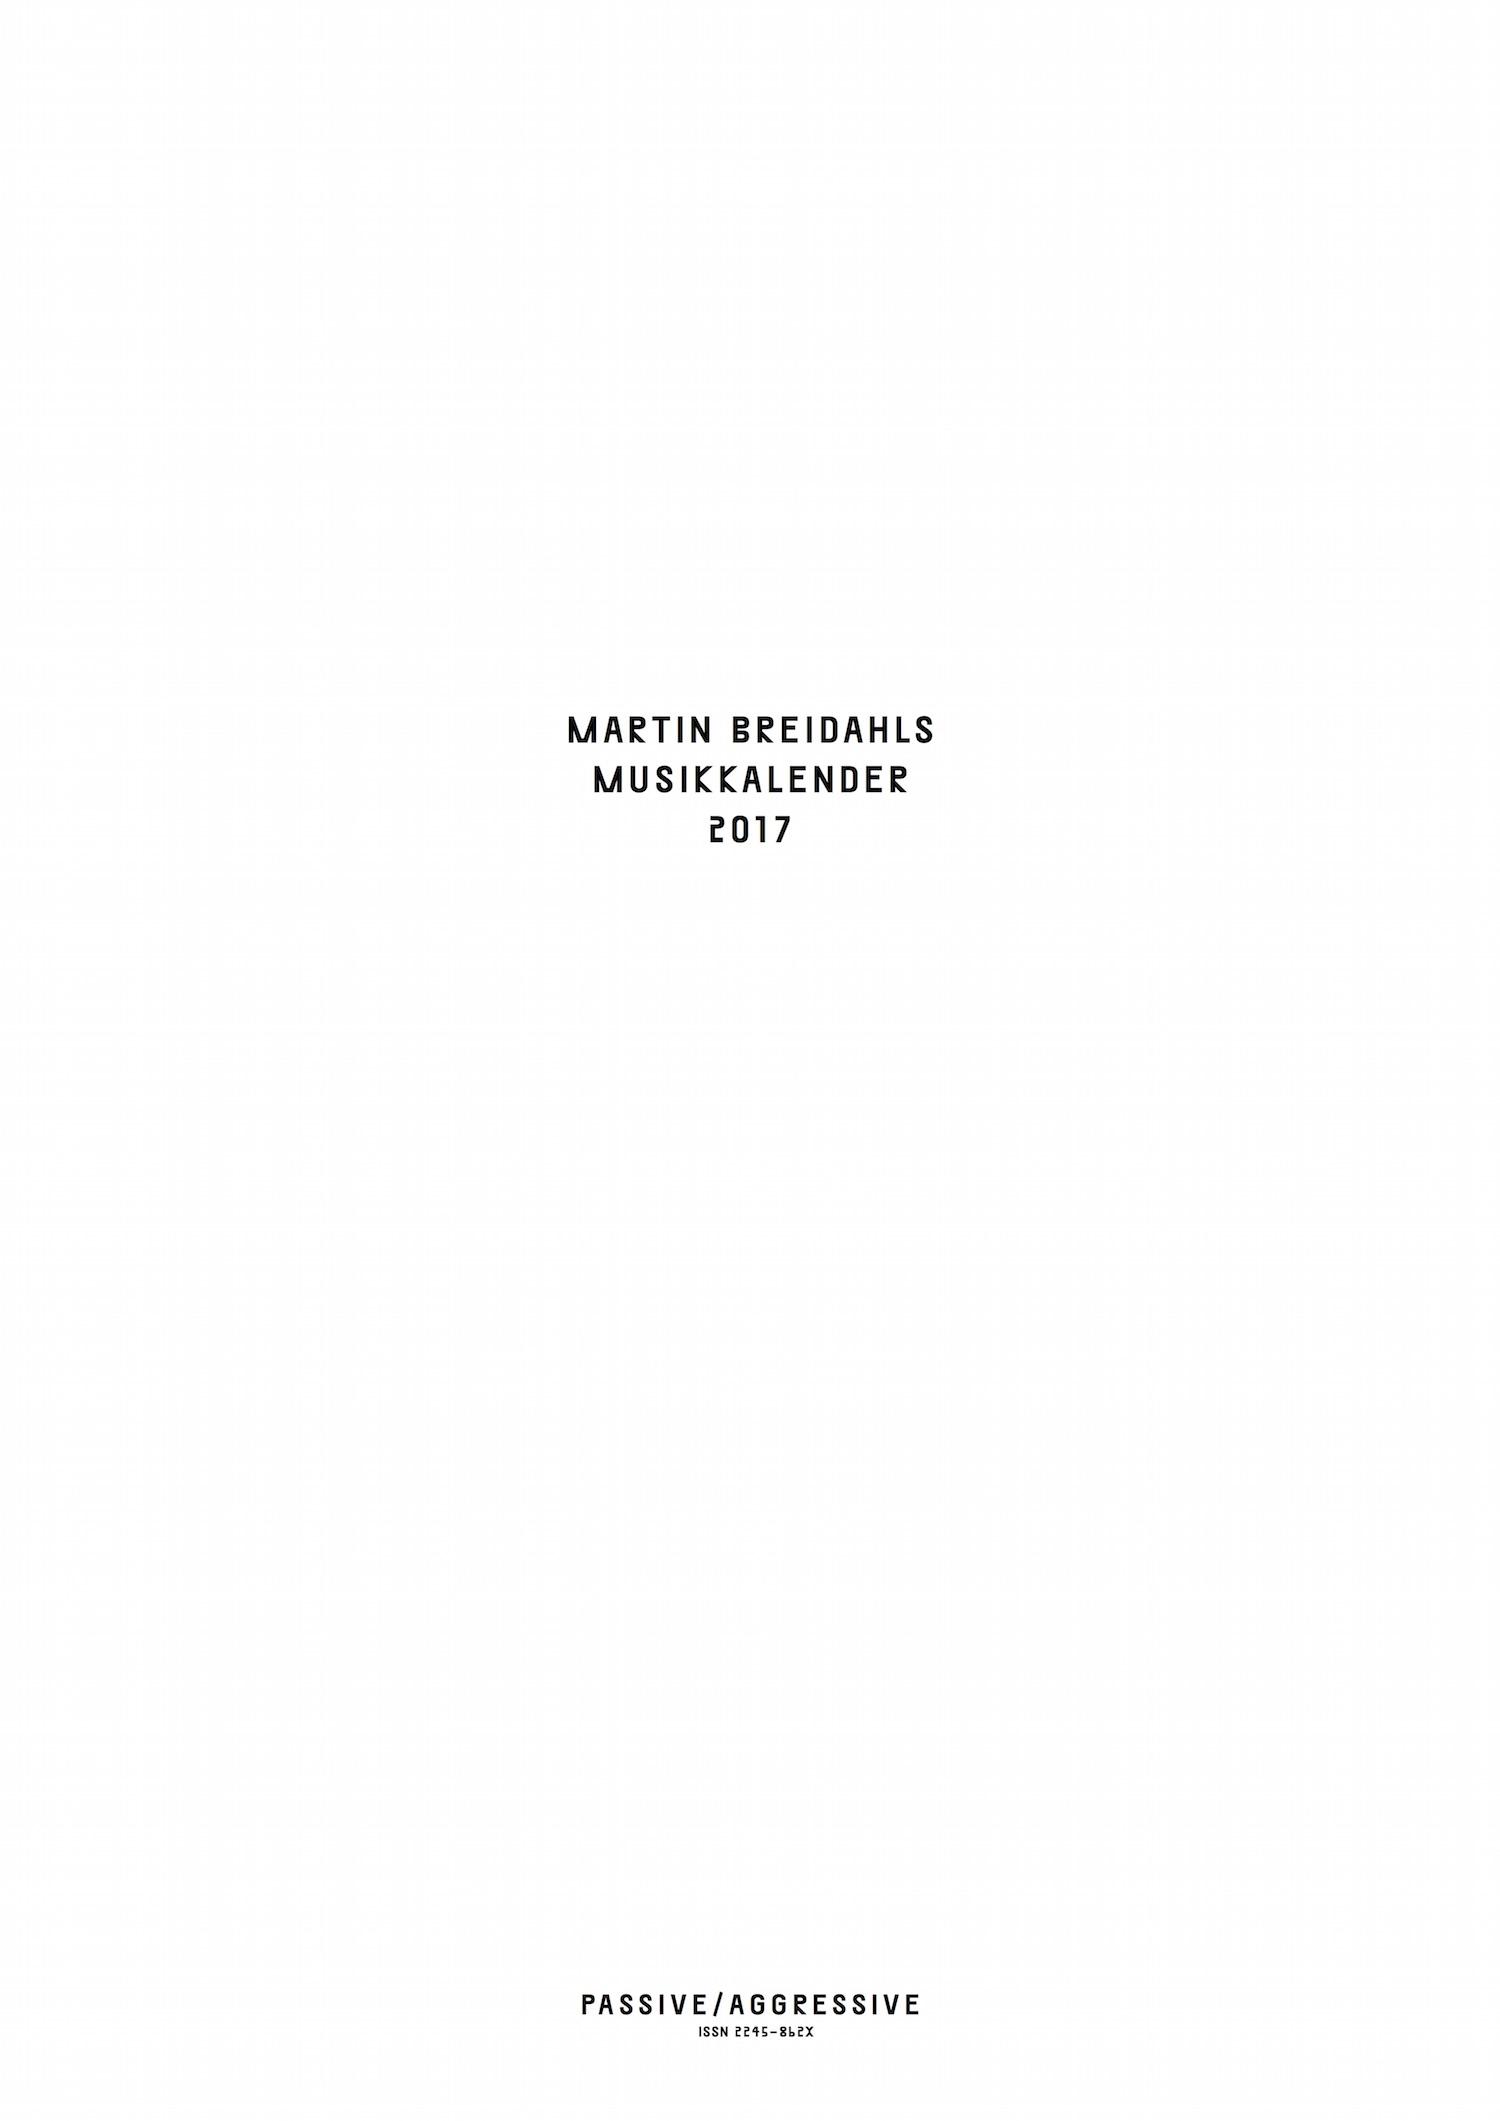 Martin Breidahls Musikkalender